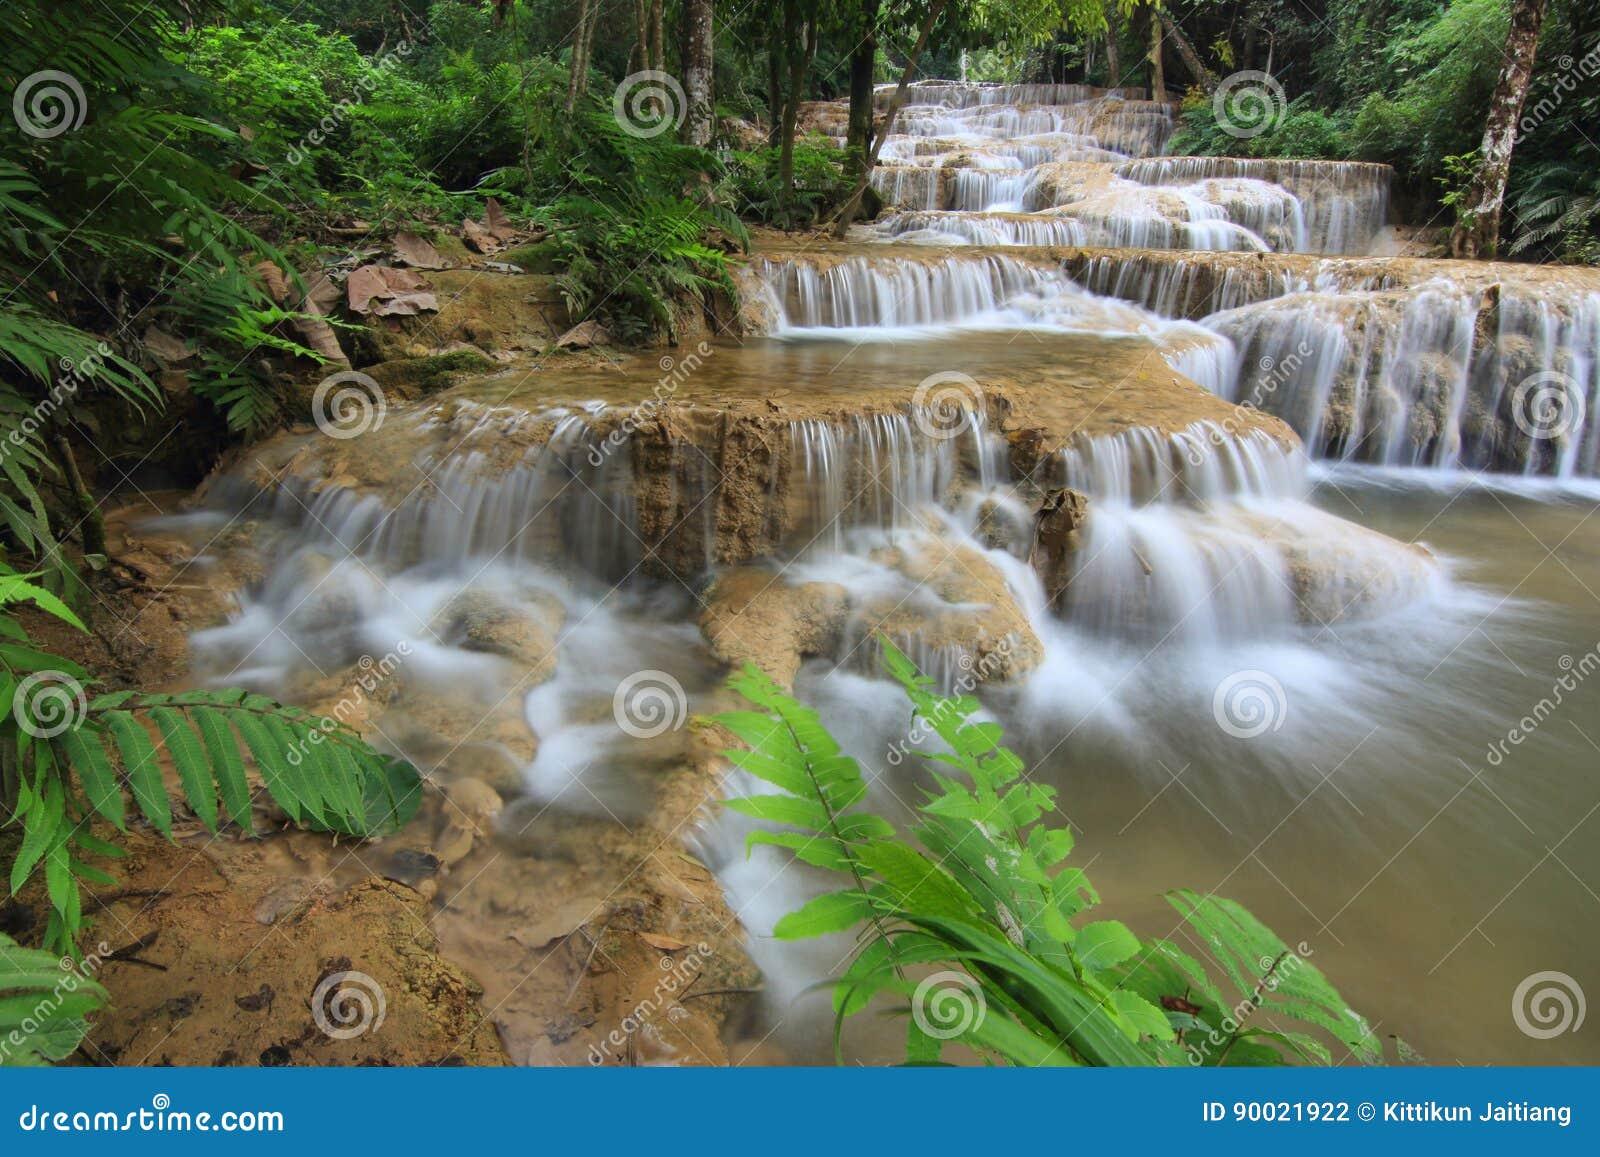 Wasser ist gefahren von der Natur